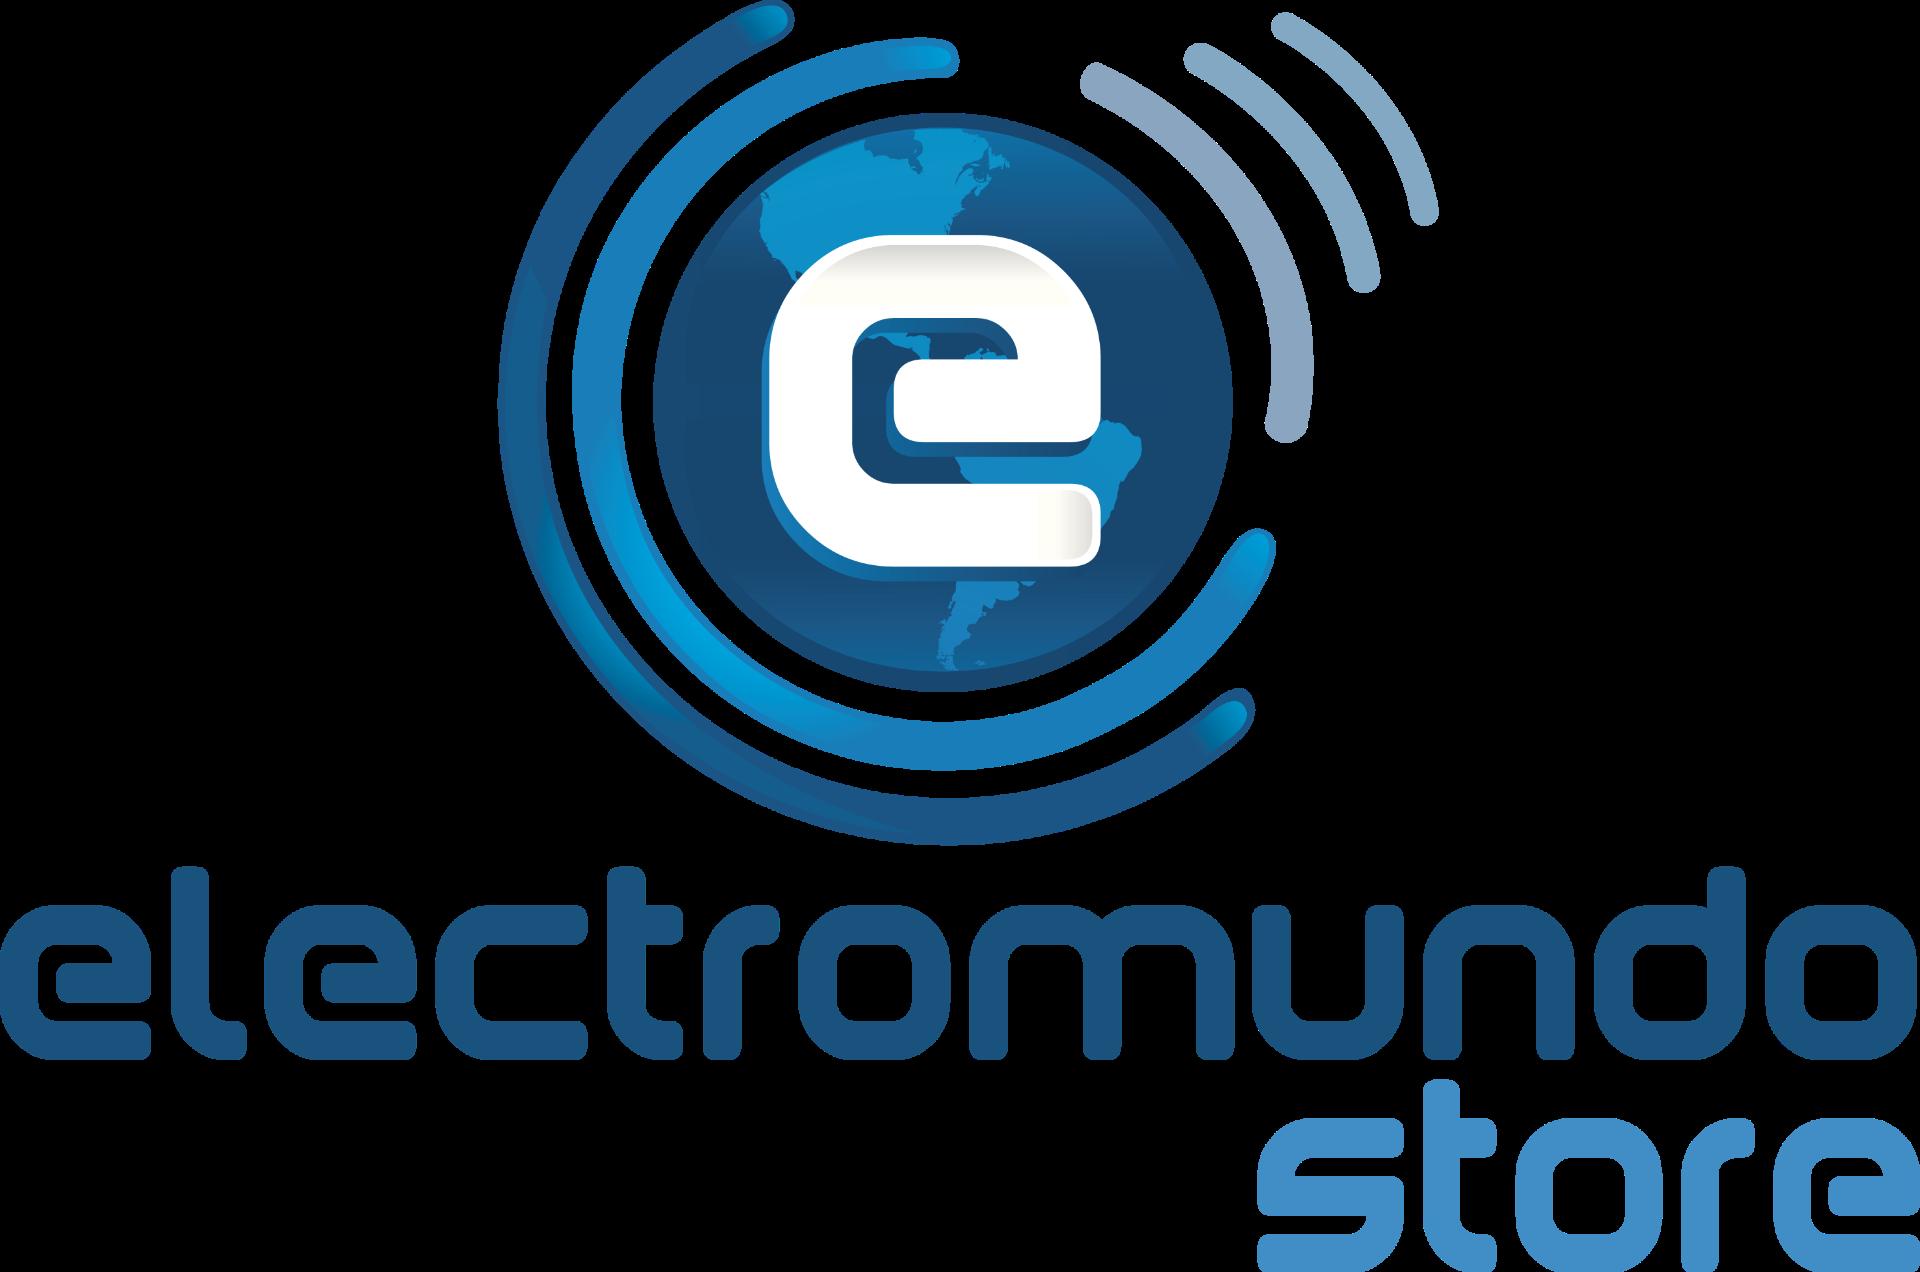 ELECTROMUNDO STORE